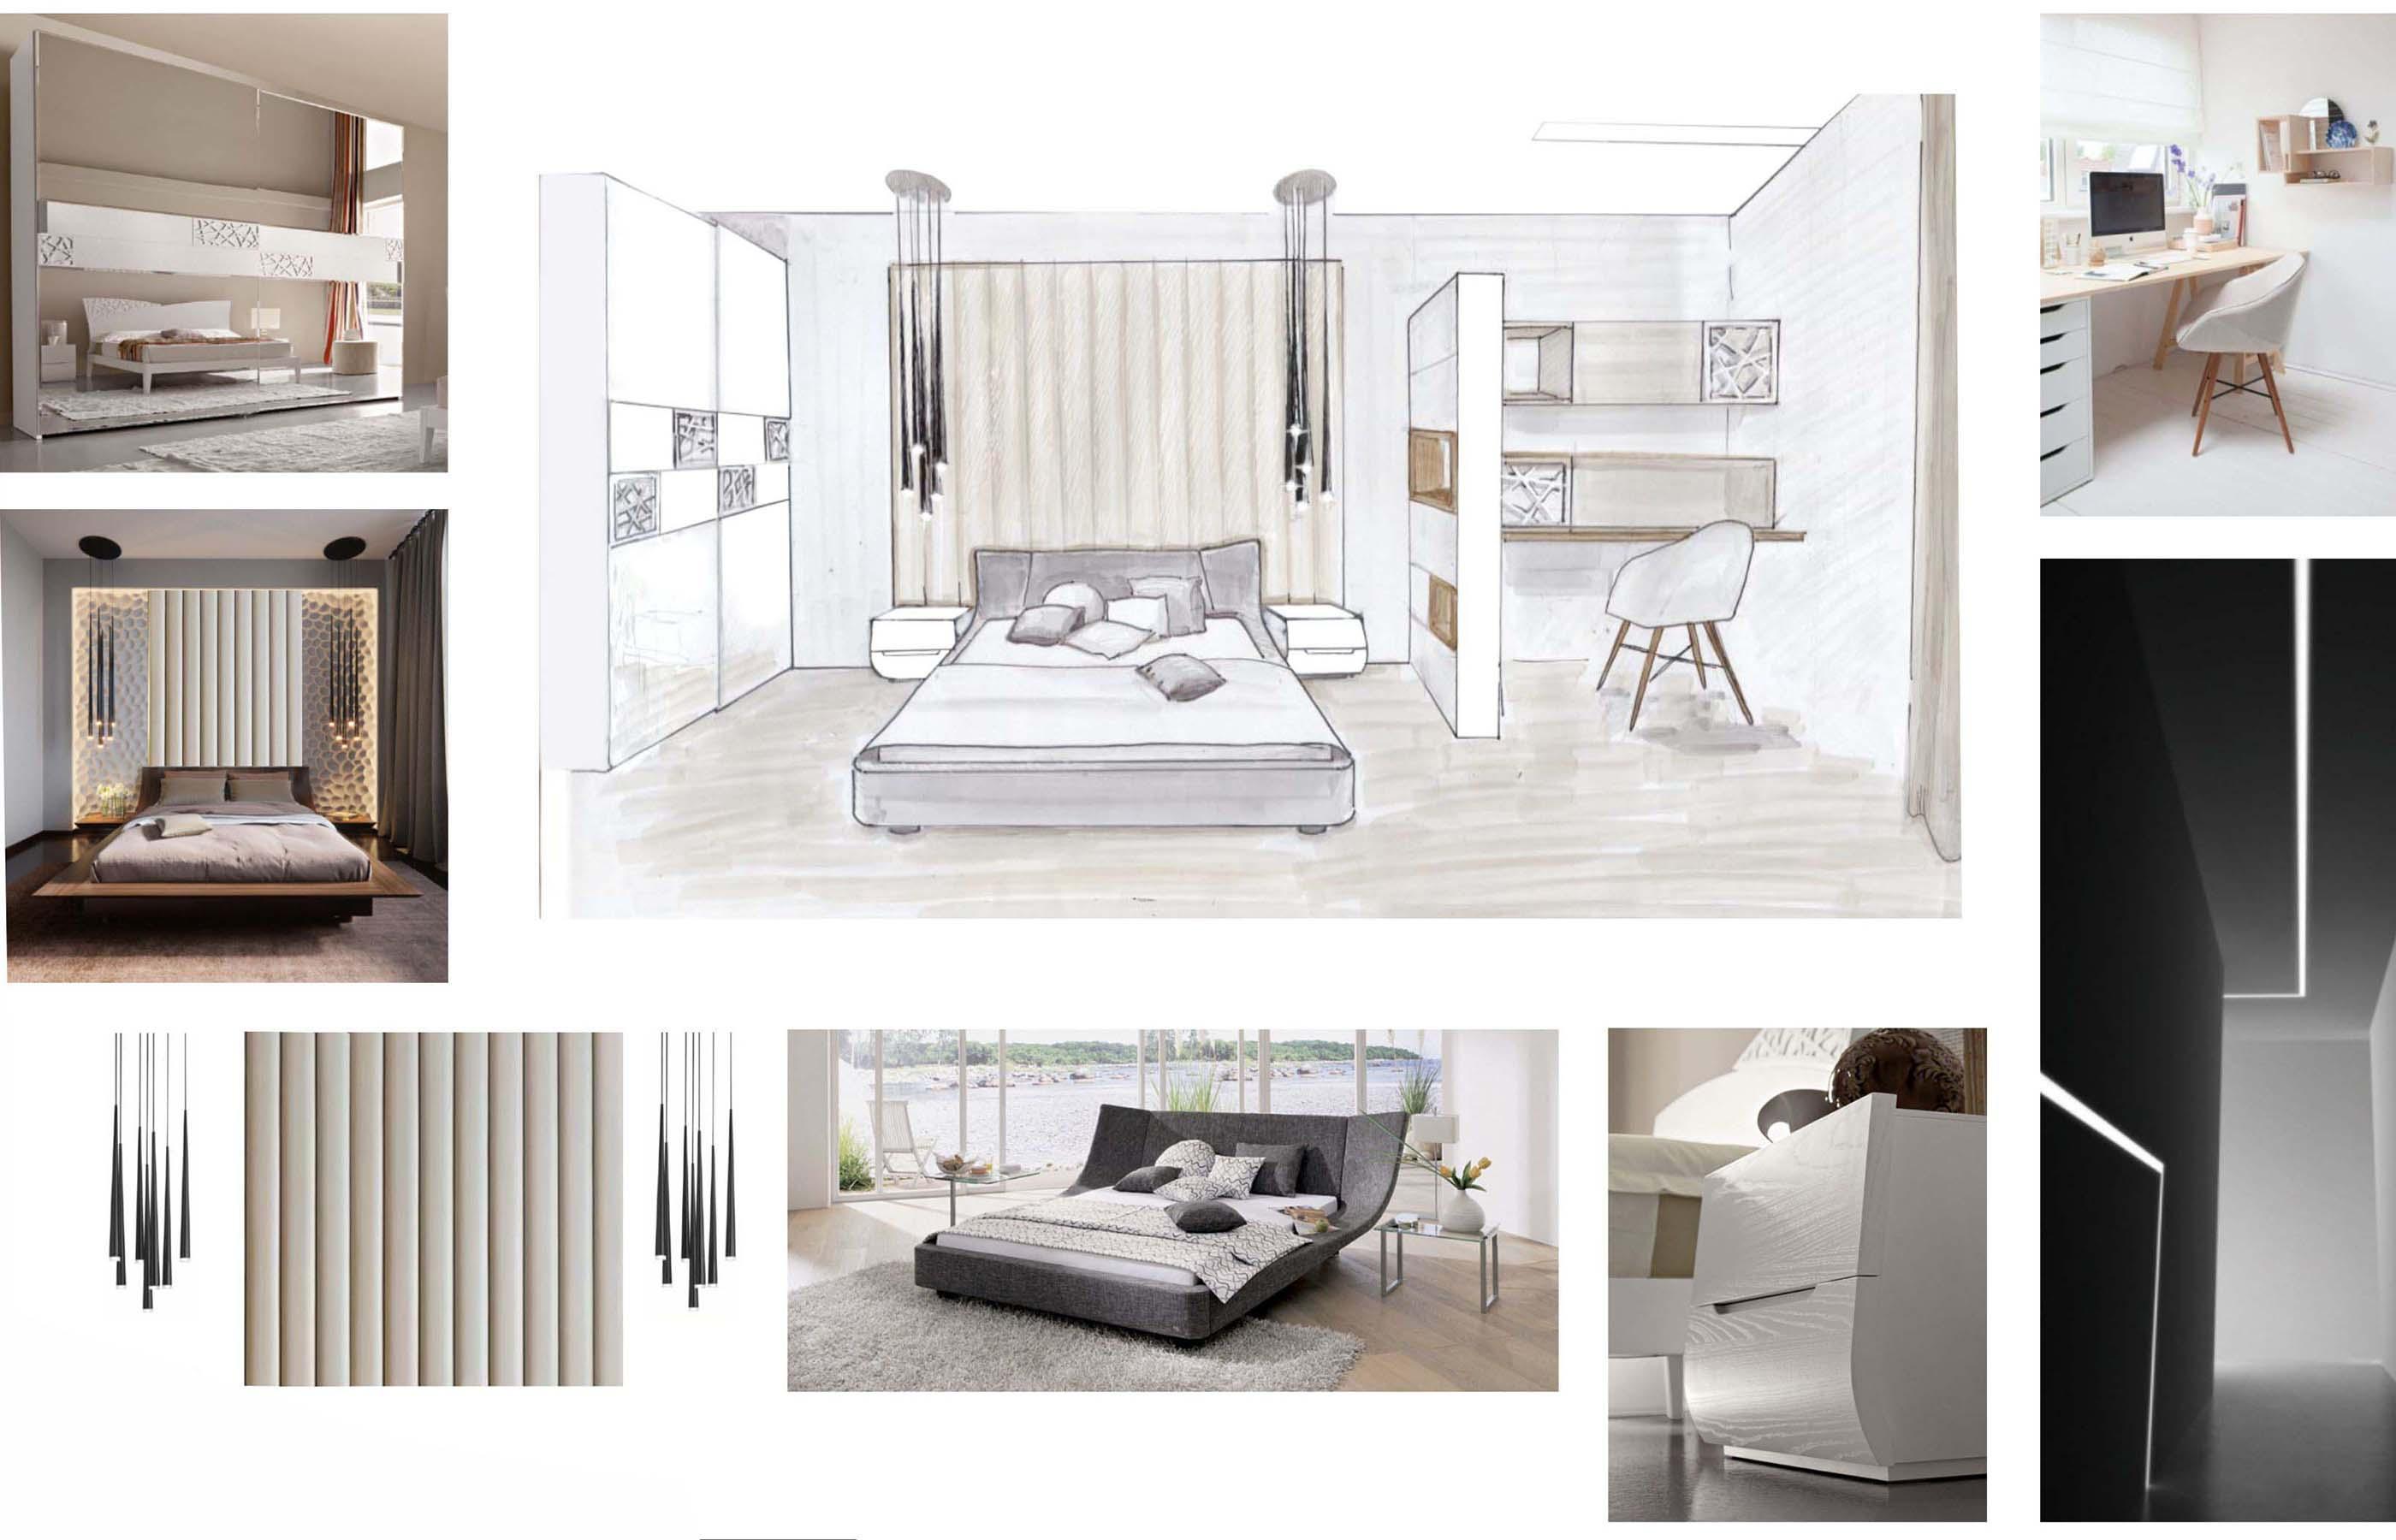 Дизайн интерьера спальни, разделенной на две зоны